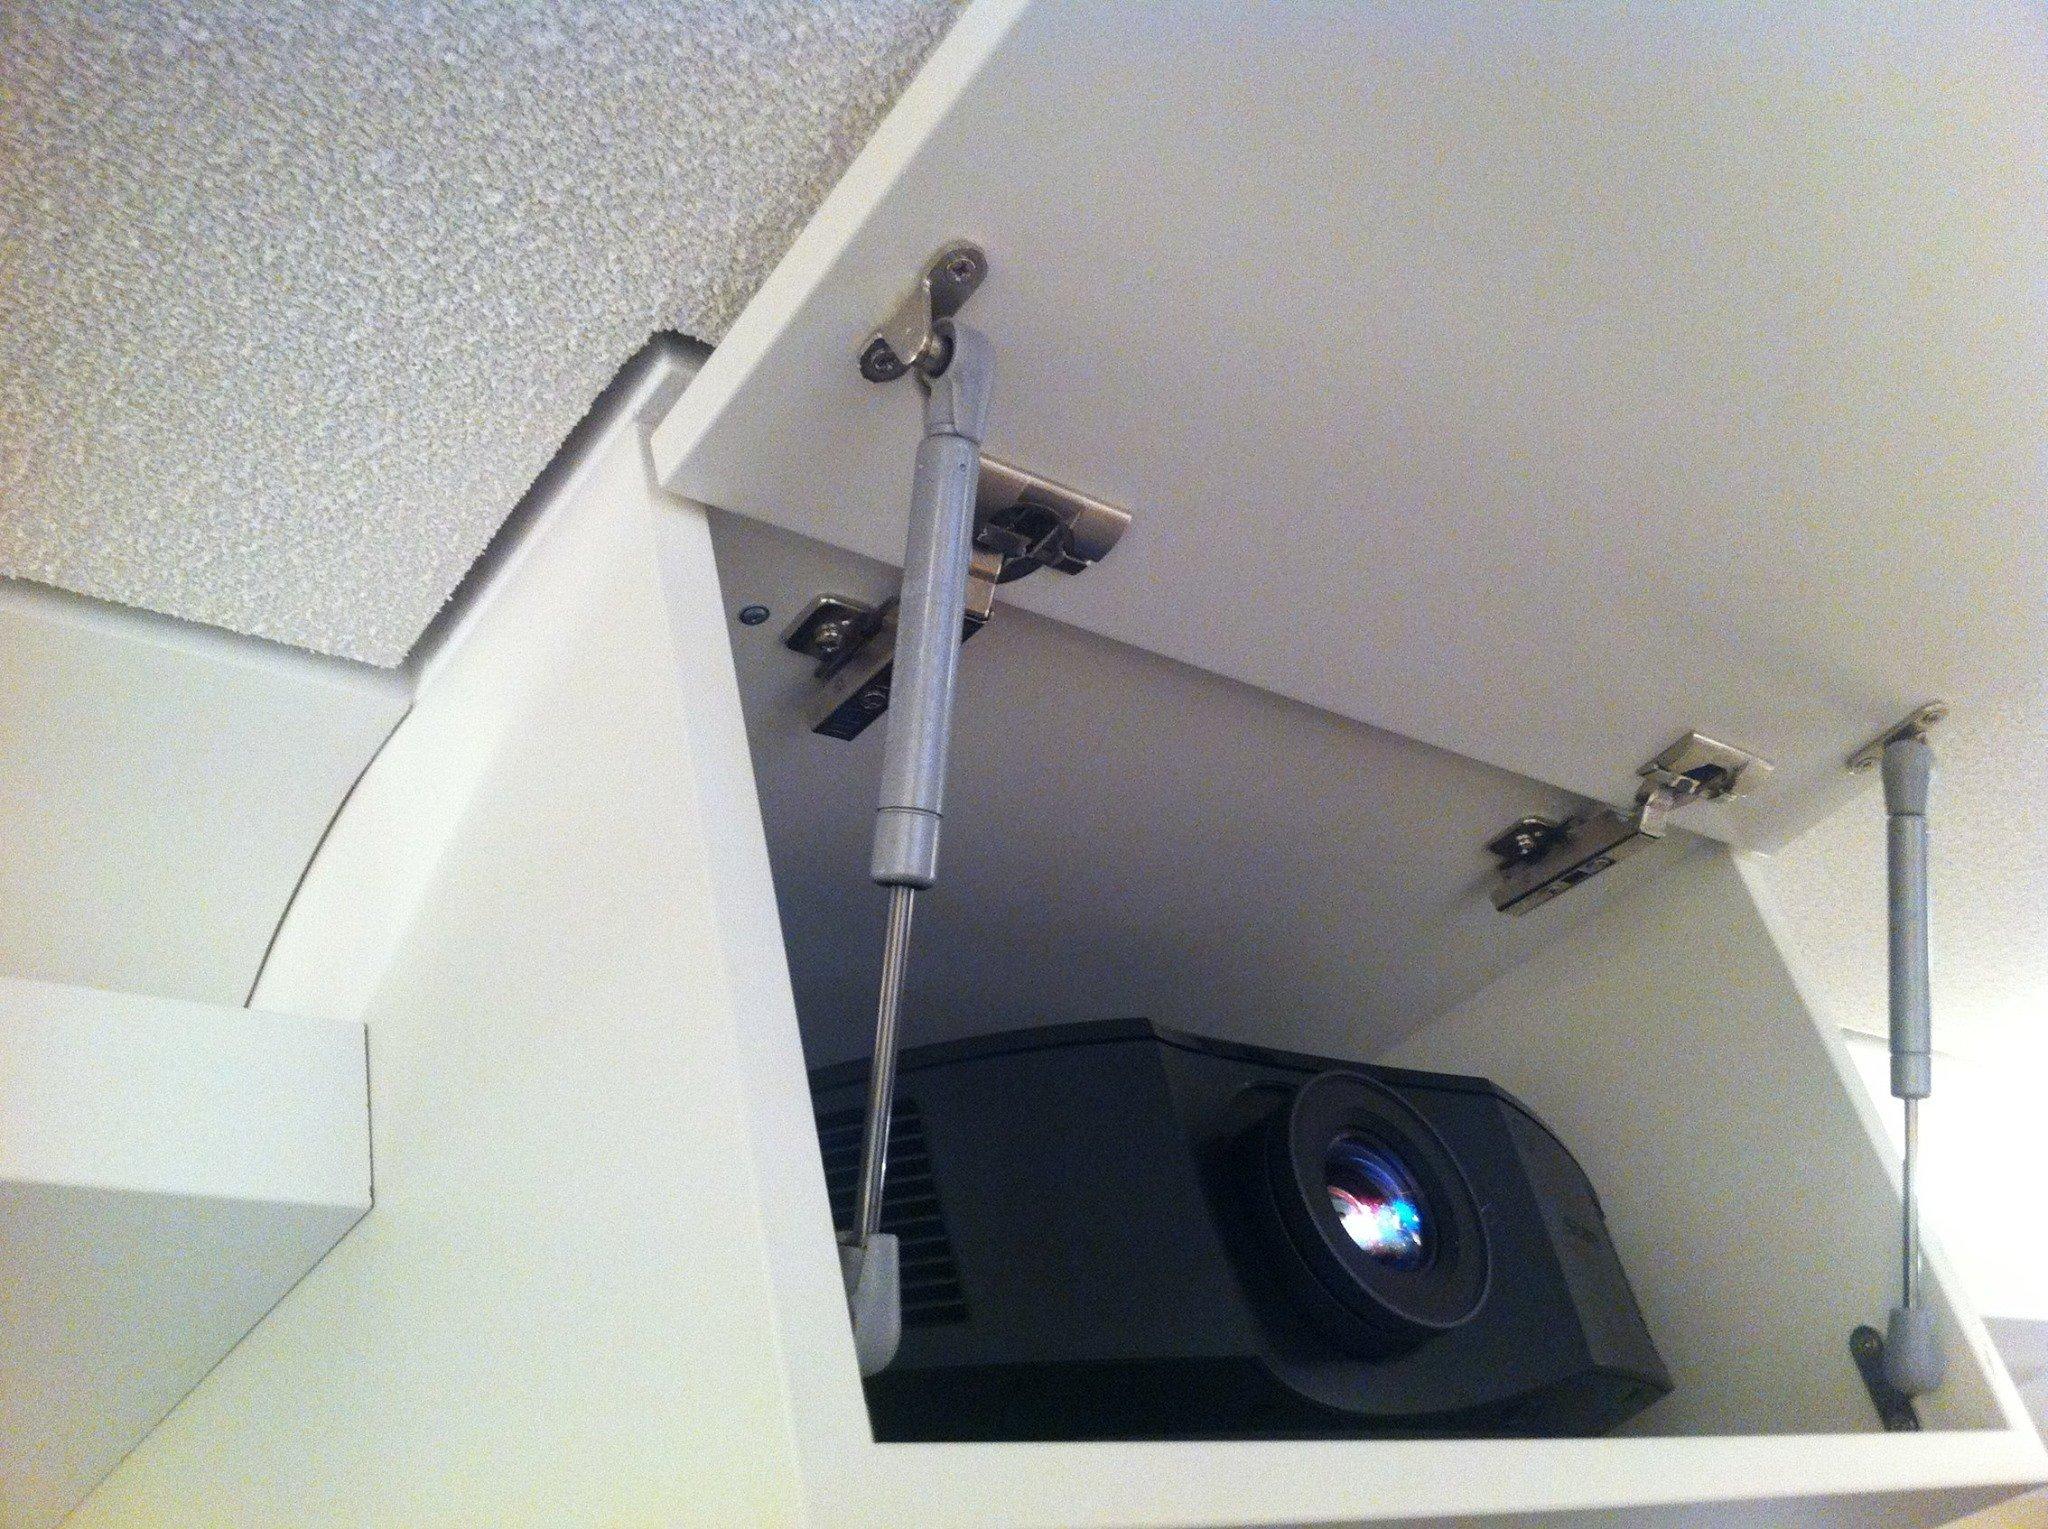 Soundanlage Wohnzimmer ist genial design für ihr haus ideen